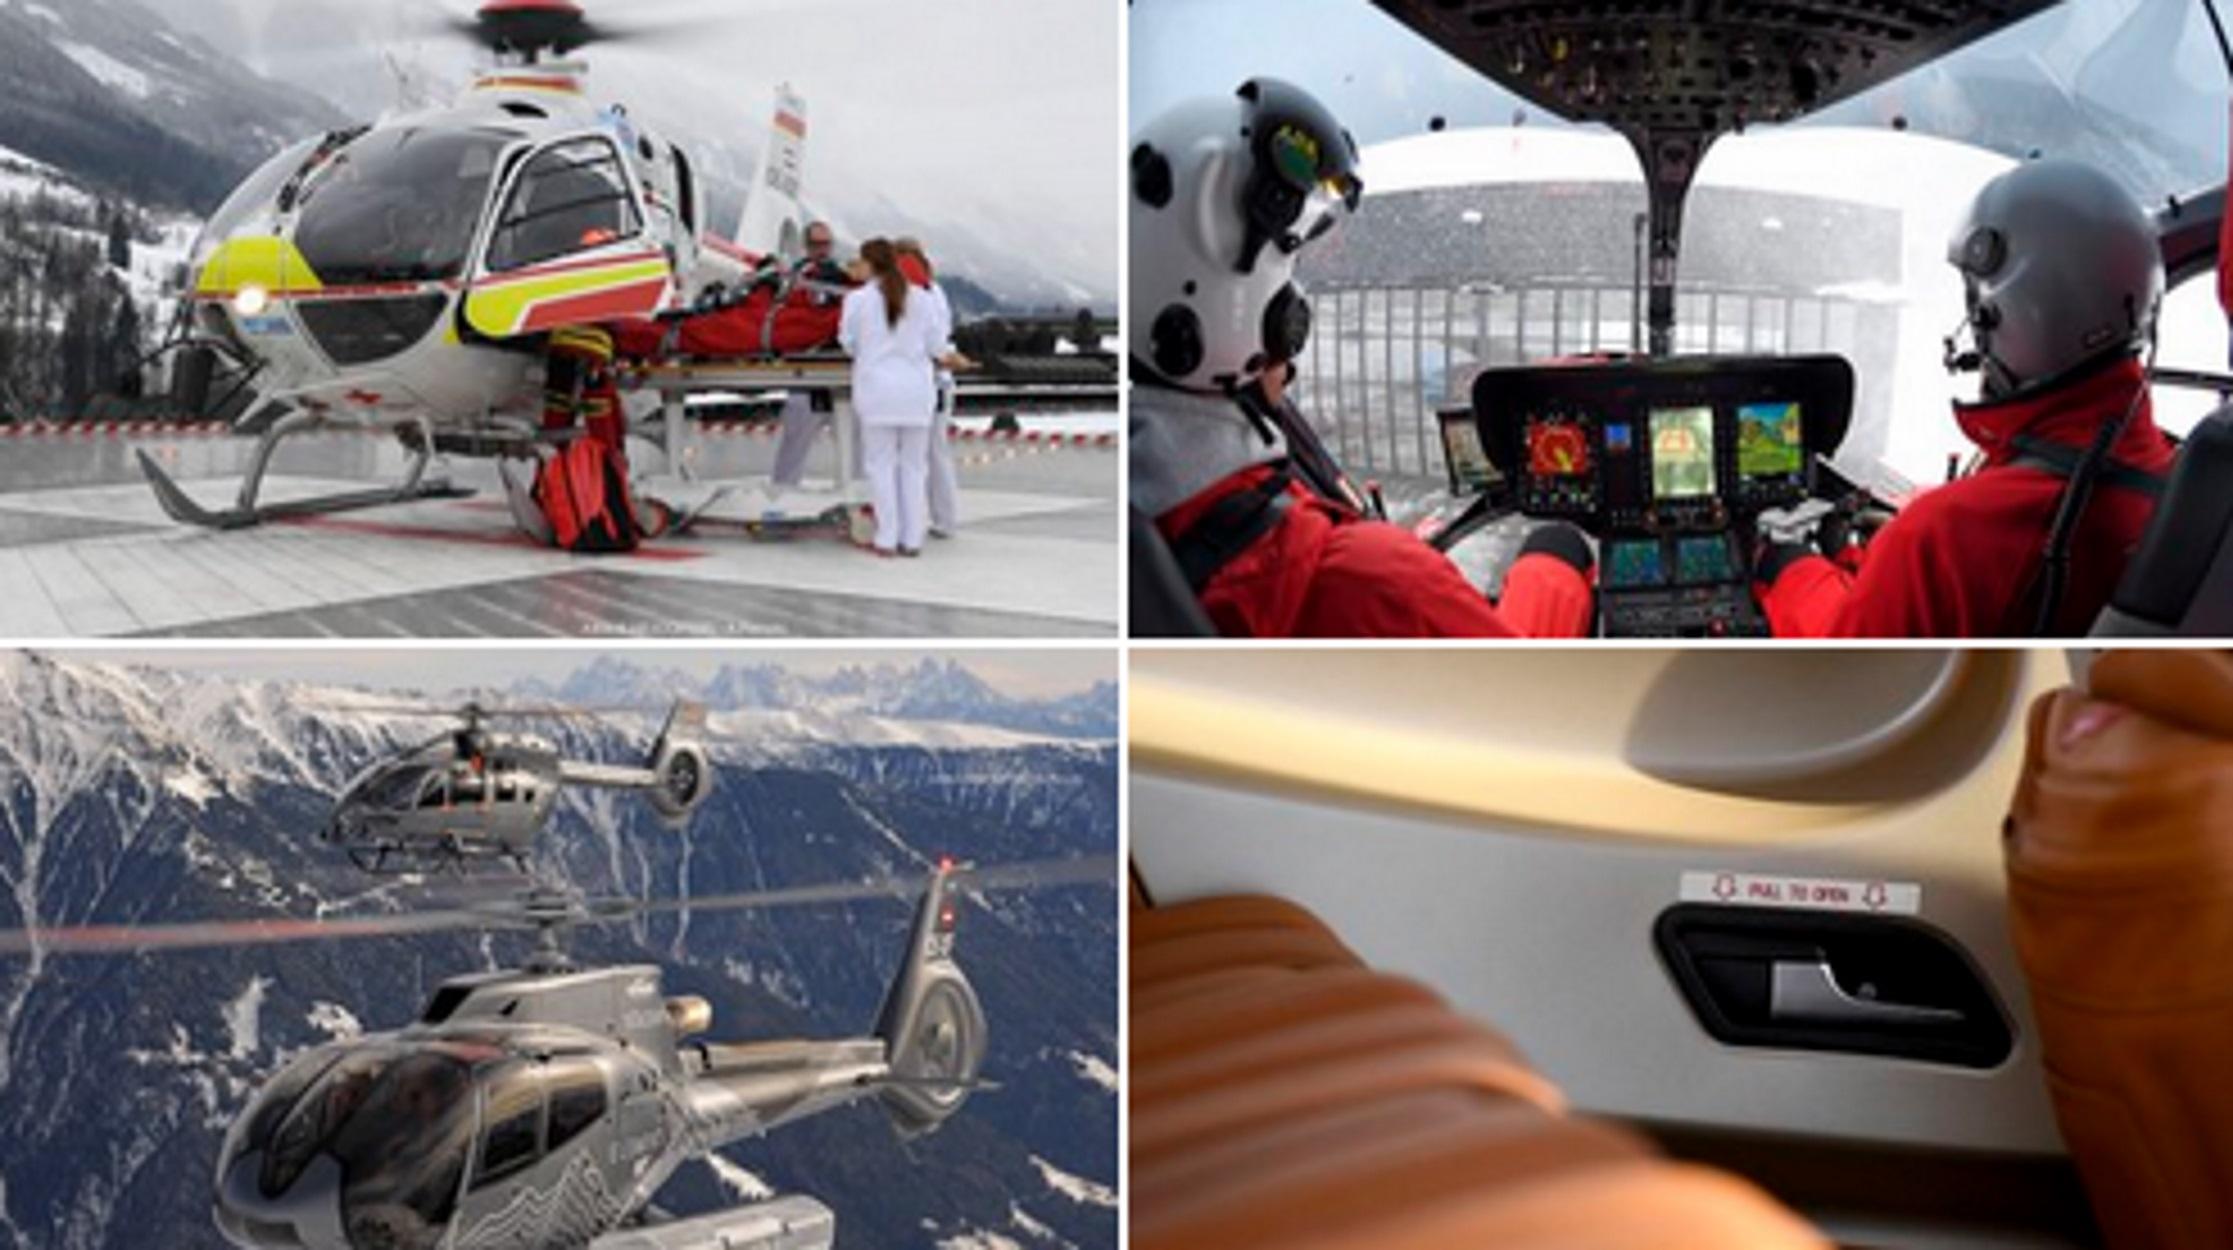 Αεροδιακομιδές στην Ελλάδα θέλει ξένη εταιρεία που κατασκευάζει ελικόπτερα